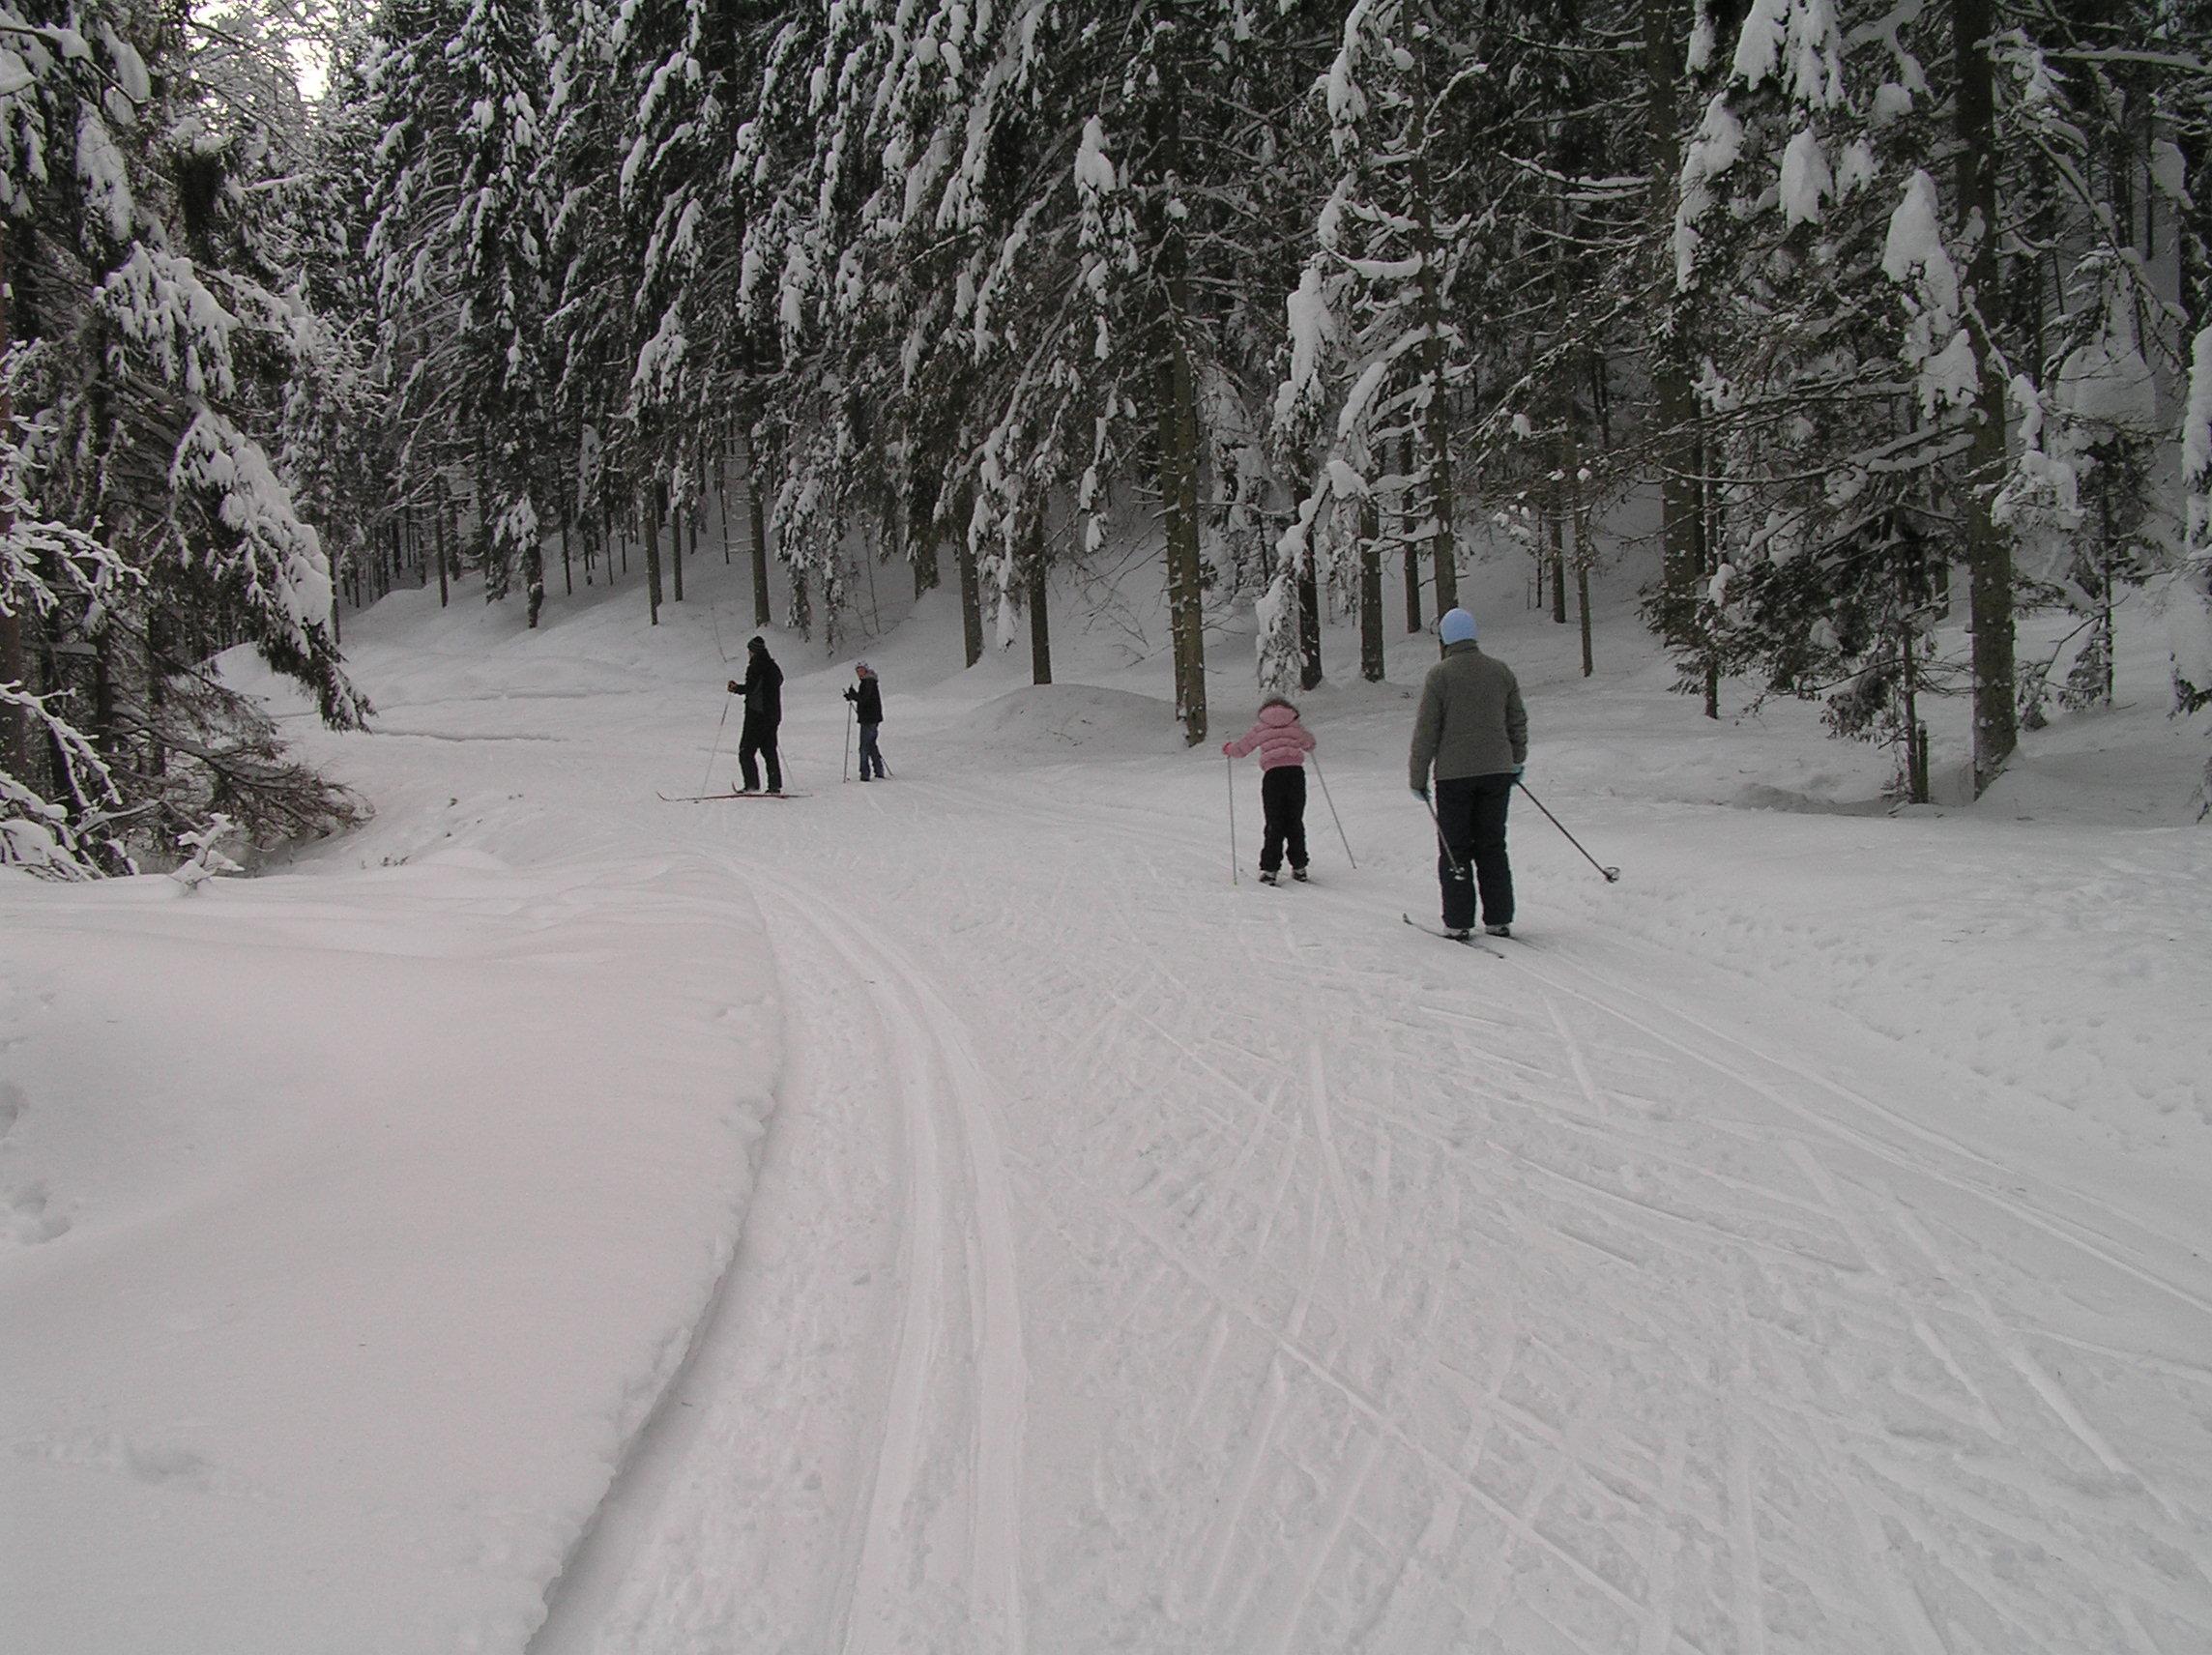 Distanču slēpošana Ogres Zilajos kalnos